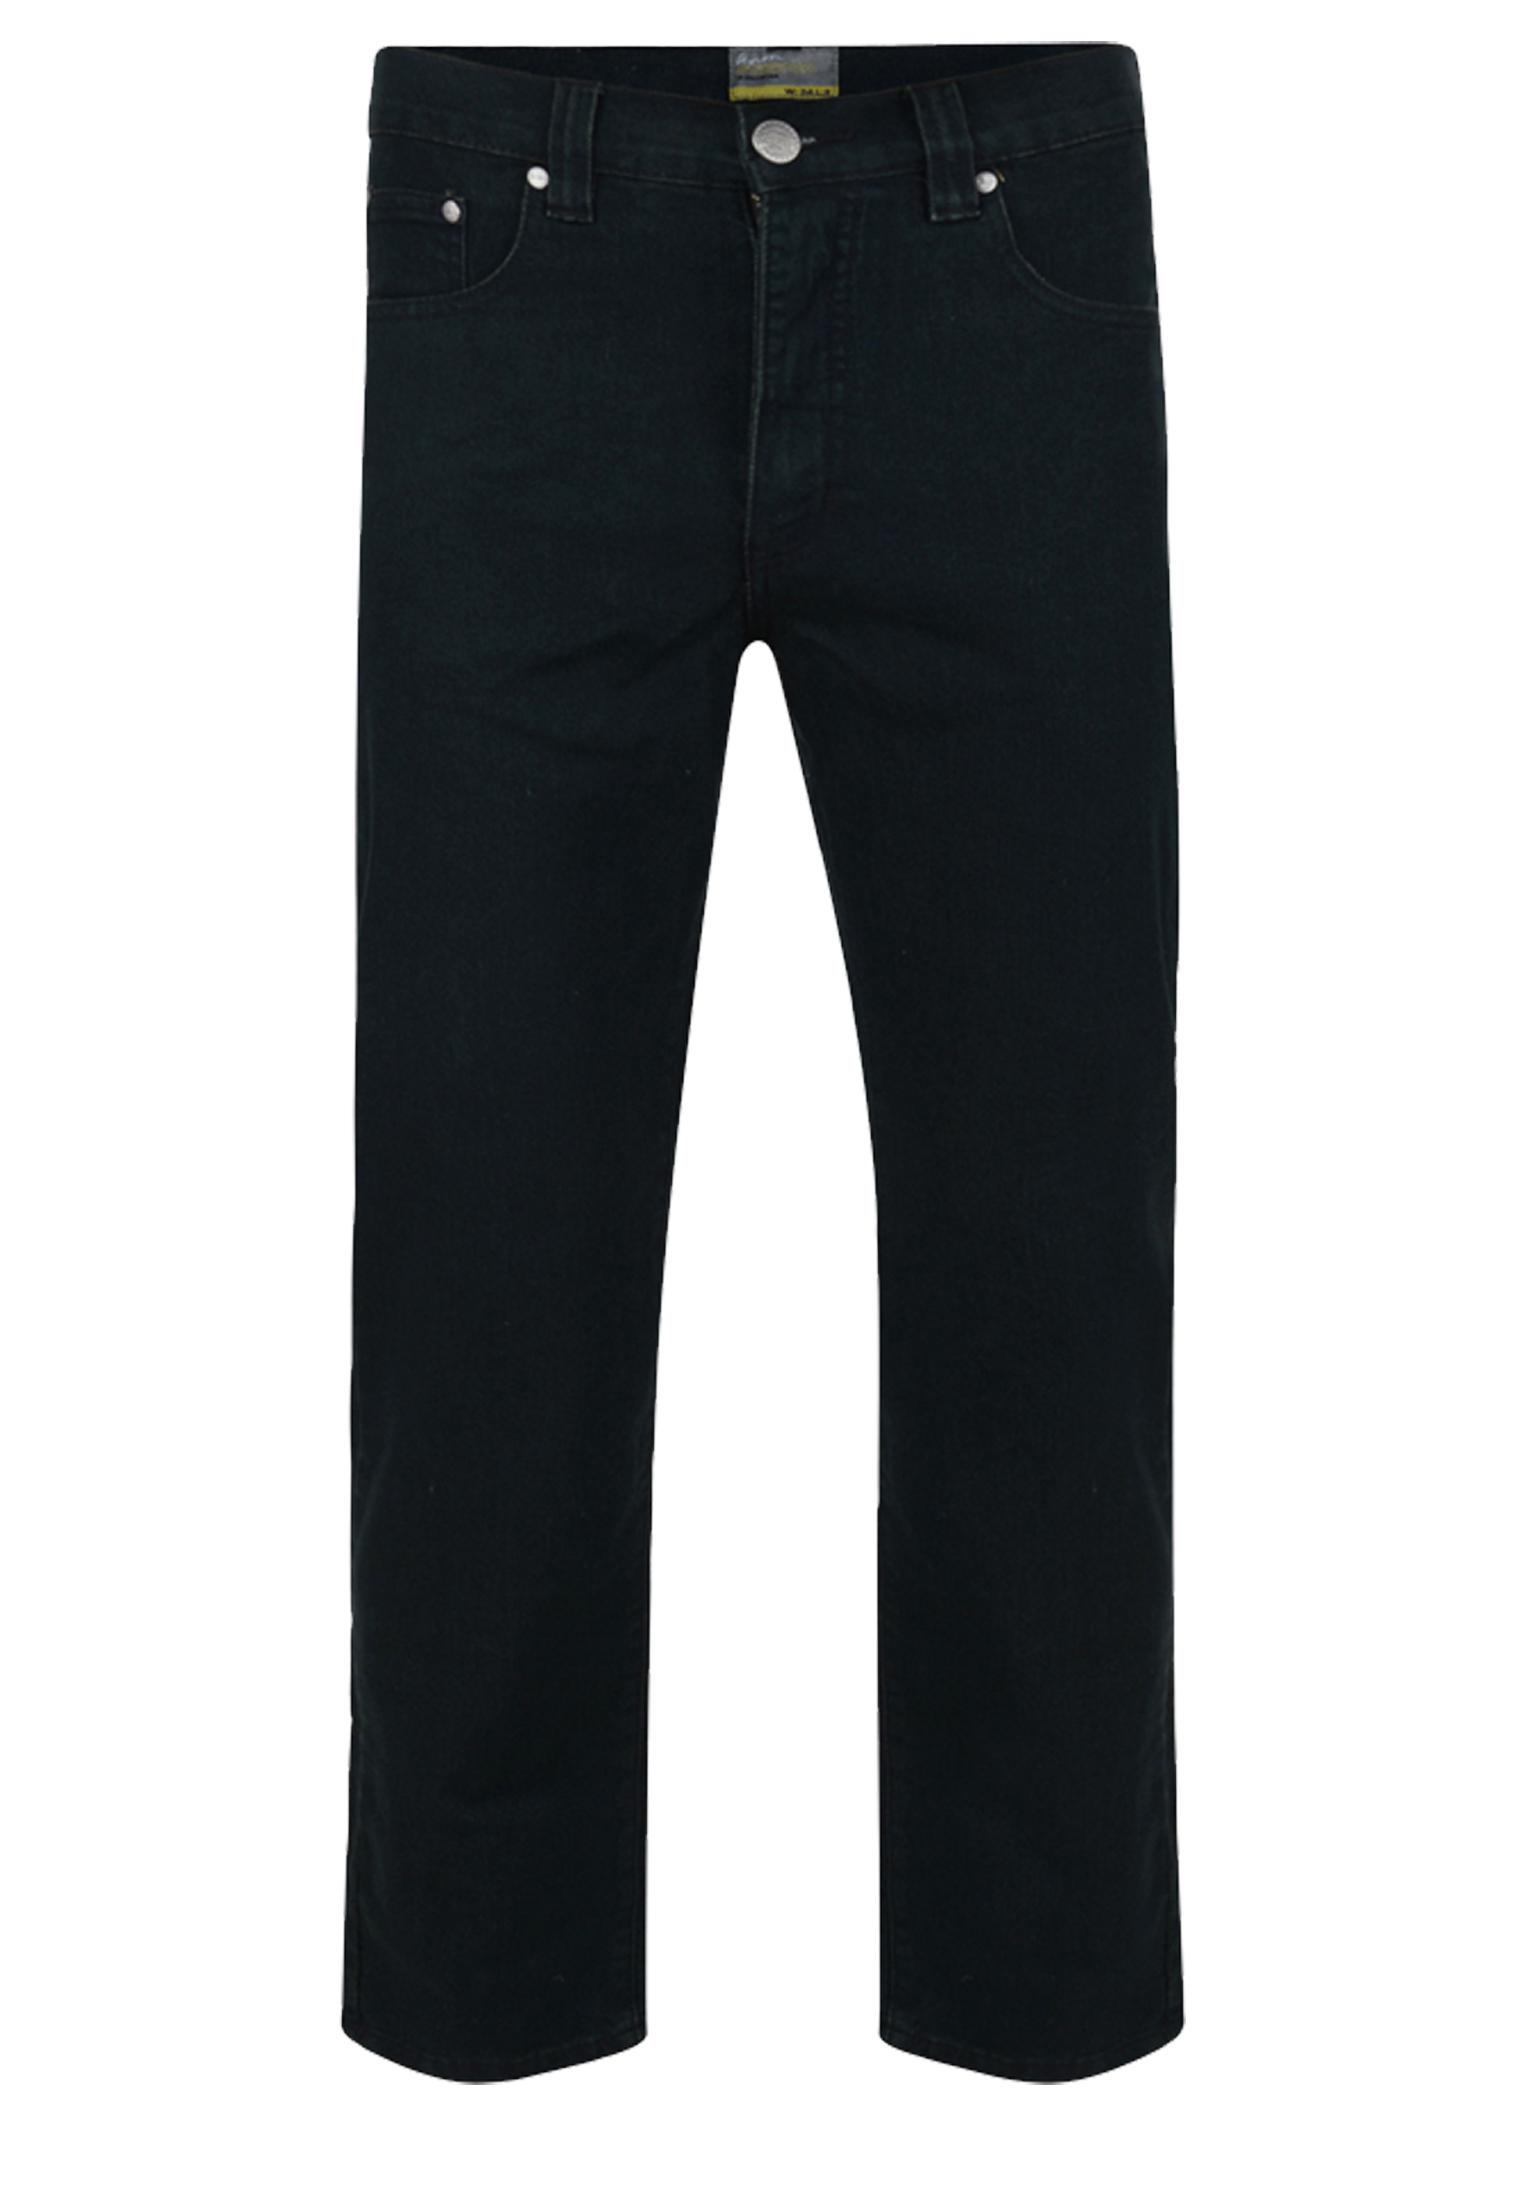 Zwarte stretch jeans met rechte pijpen, een rits-knoopsluiting, 2 steekzakken voor waarvan 1 met een muntzakje en 2 achterzakken met contrasterend stiksel.Beenlengte: 34 Inch